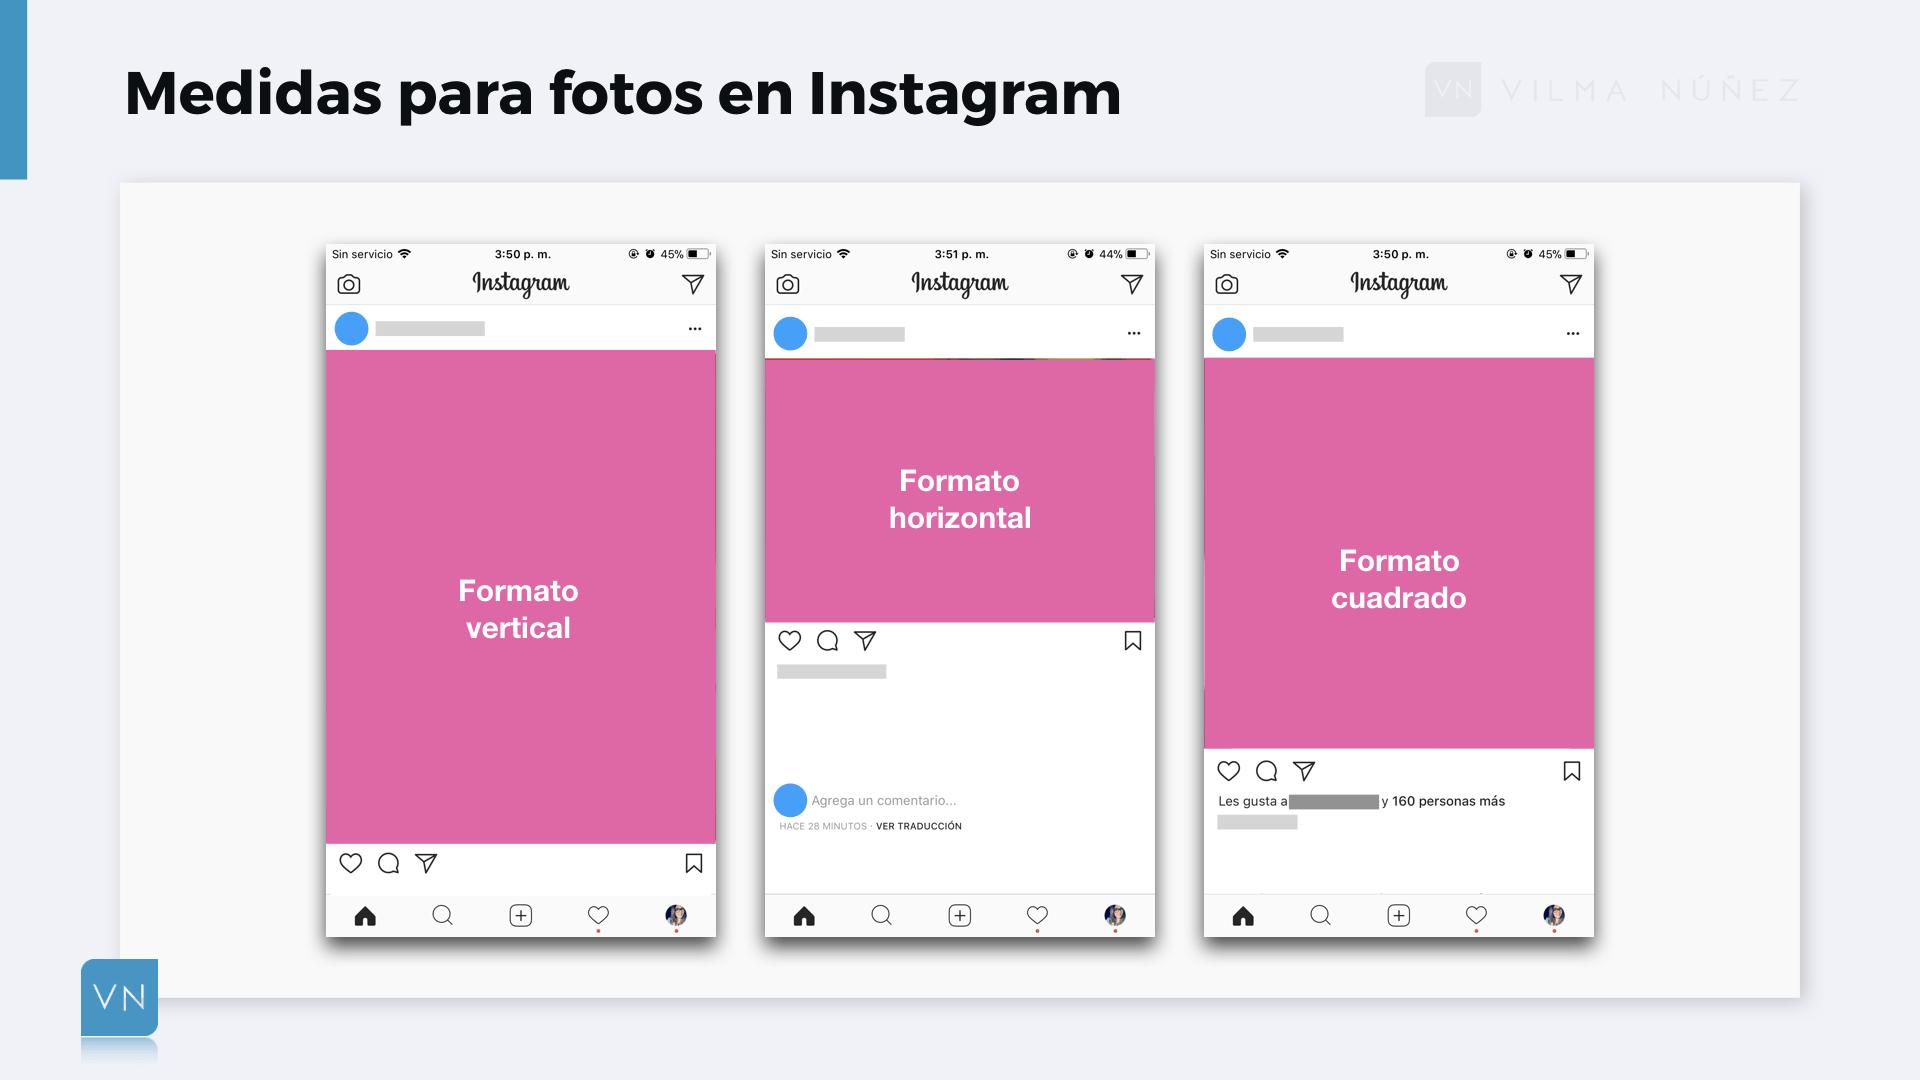 Ejemplos de formatos de fotos para subir en Instagram (Horizontal, cuadrado y vertical)